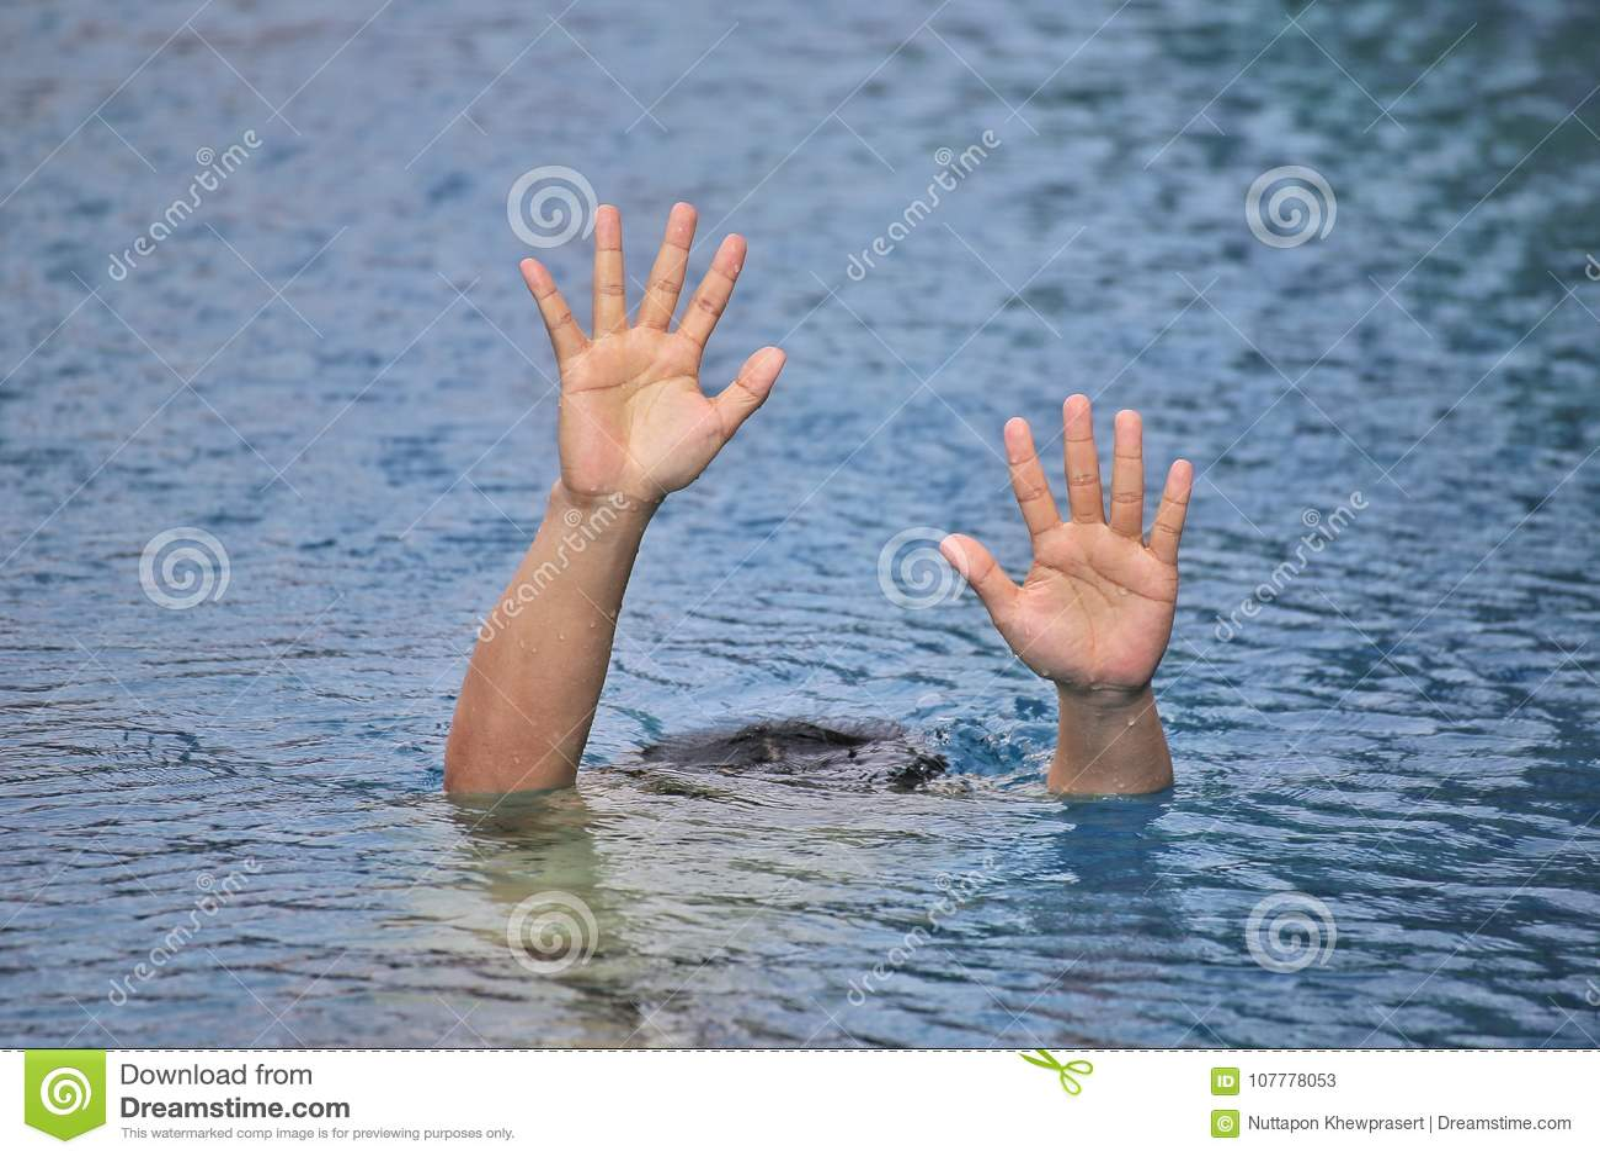 Obsługuje tonięcie w out drzwiowym pływackim basenie podczas gdy pływający samotnie, podnoszący dwa ręki i pytać dla pomocy SOS,